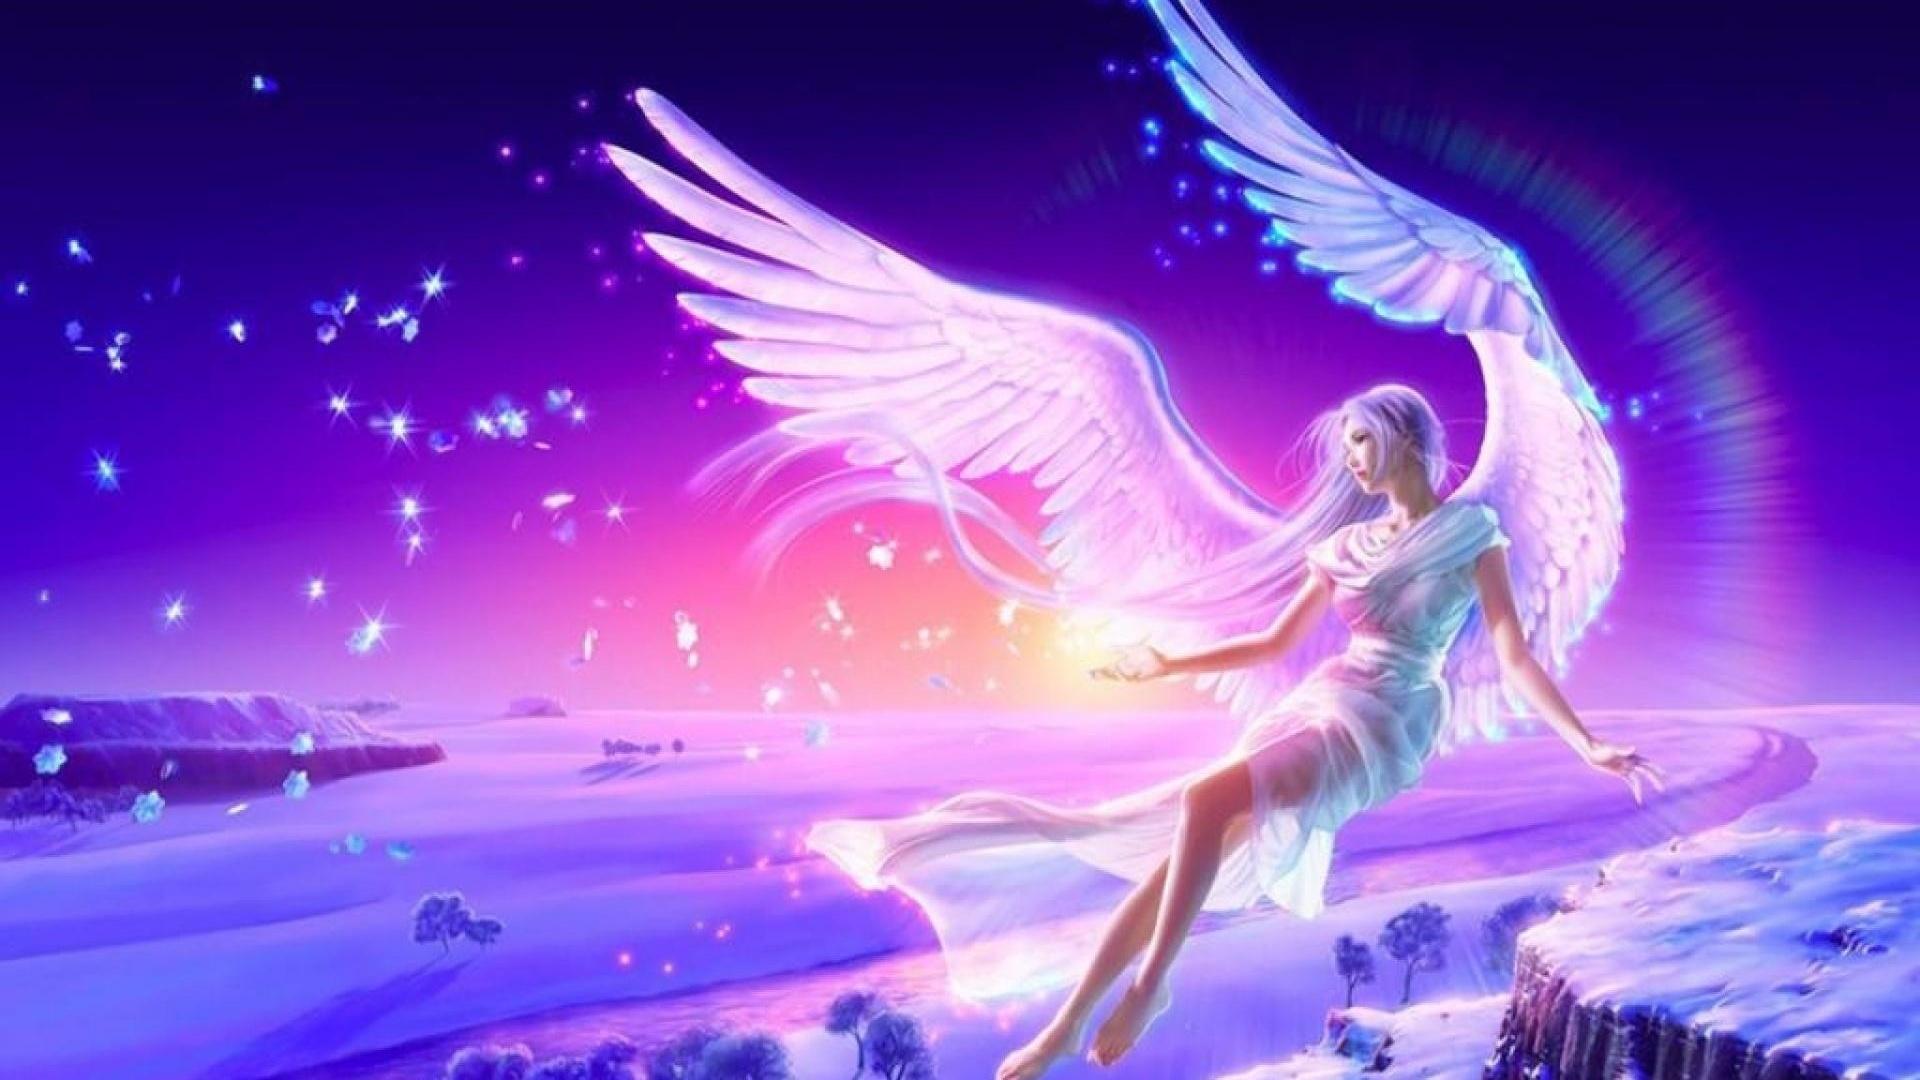 специальная летающие ангелы картинки красиво выполнил